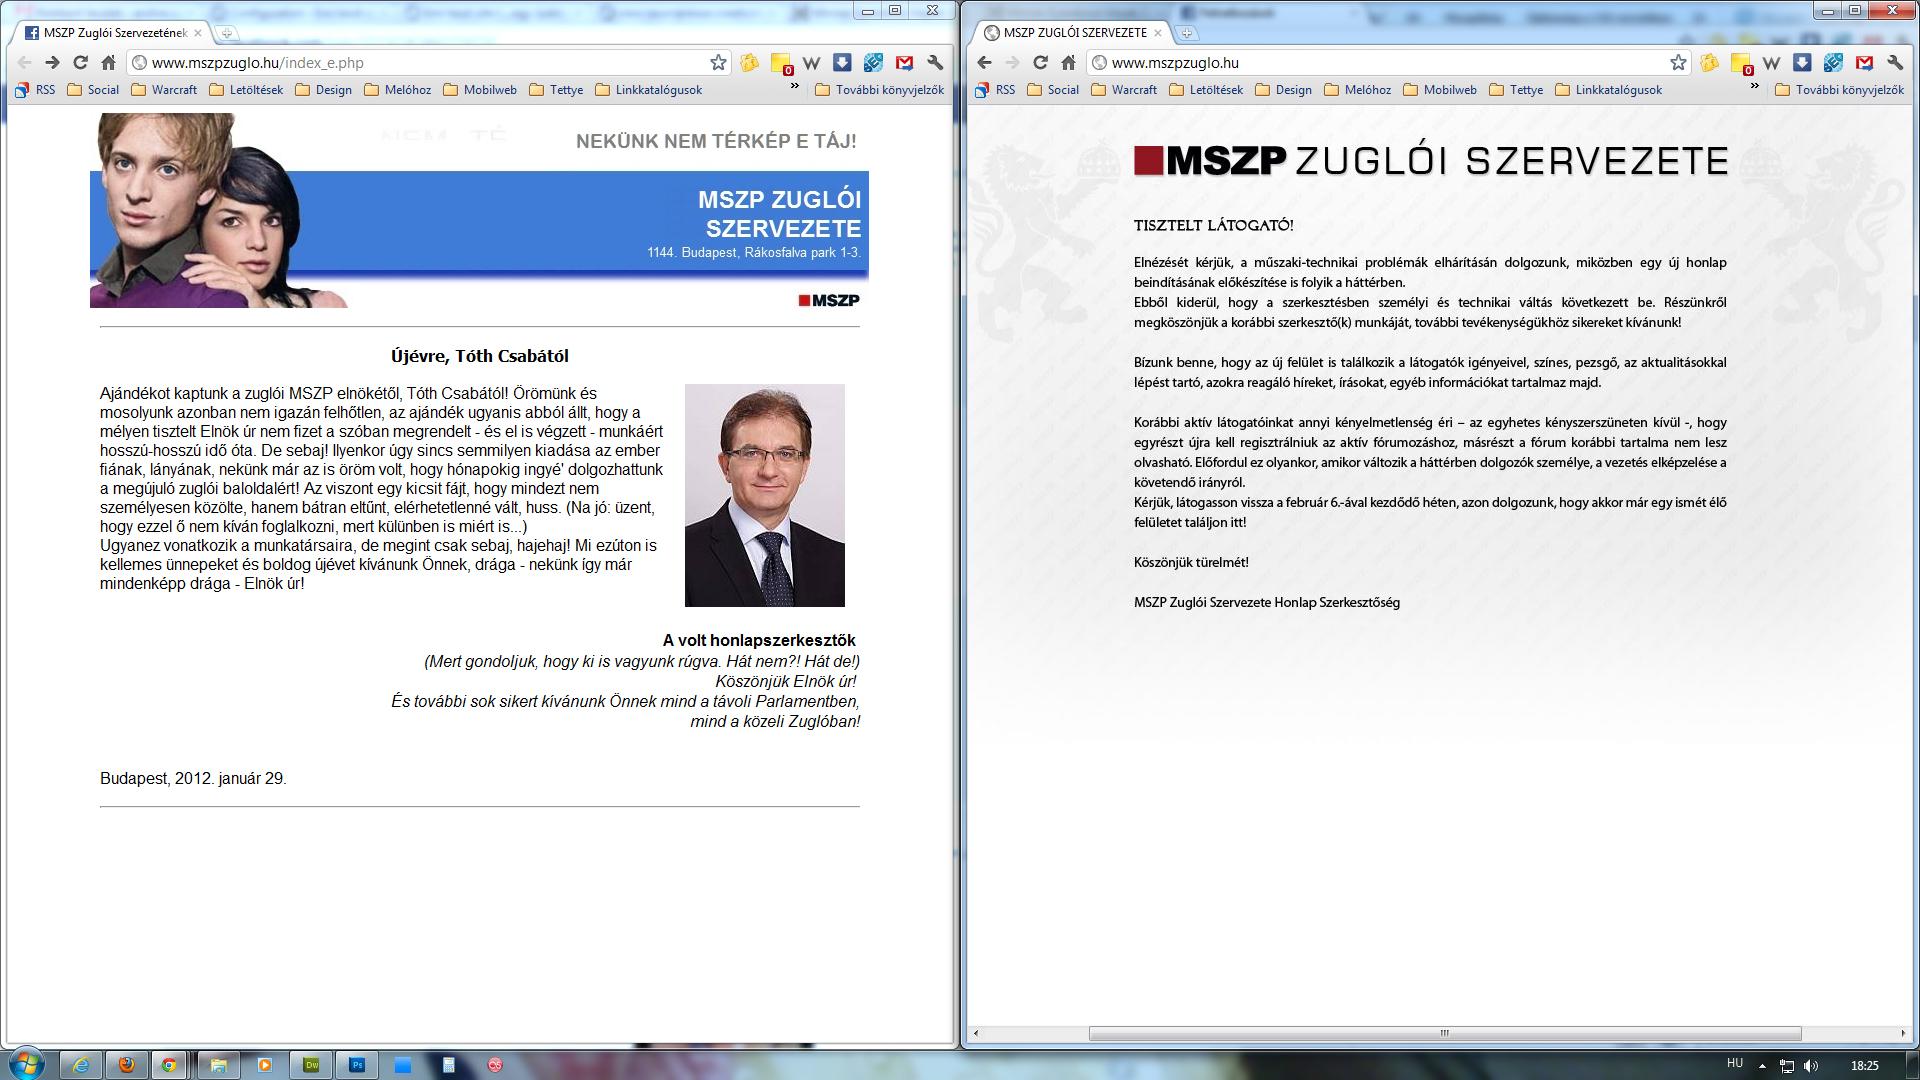 Előtte - utána állapot az MSZP zuglói szervezetének a honlapján.